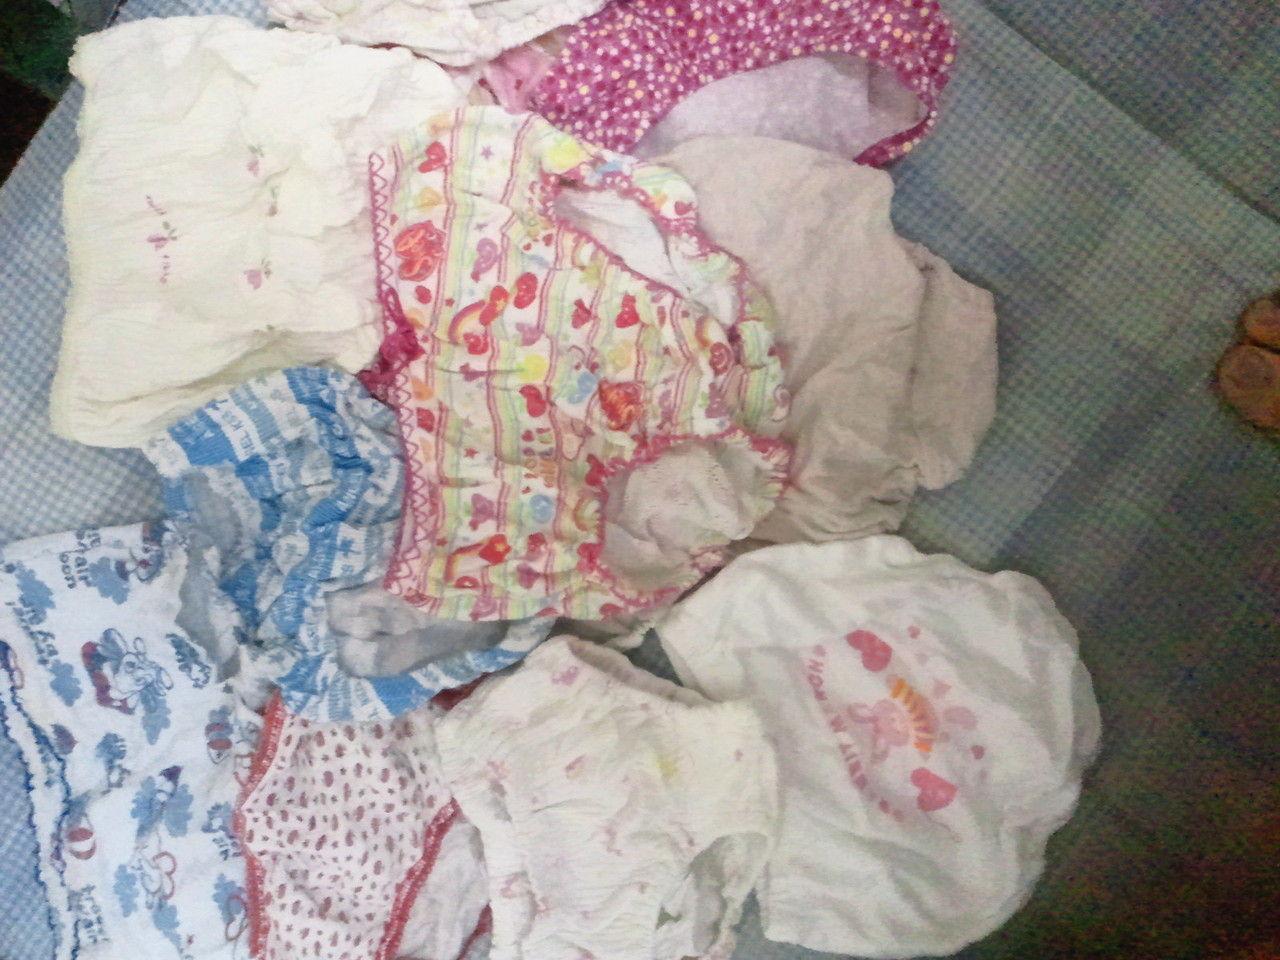 姉妹嫁タンス内洗濯機内使用済み下着エロ写メ画像19枚目